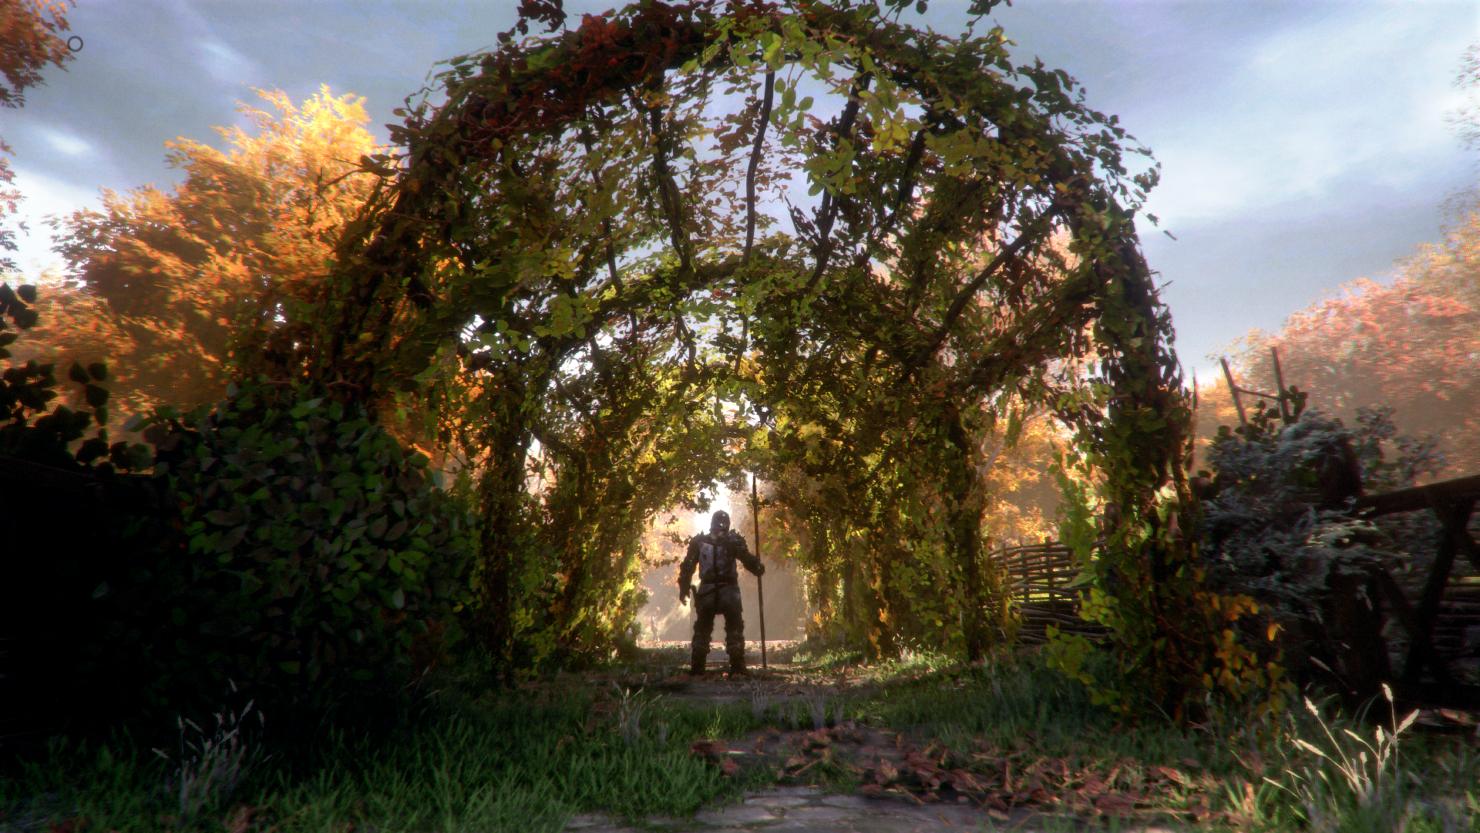 plague-tale-innocence-new-screenshots-screenshot-10